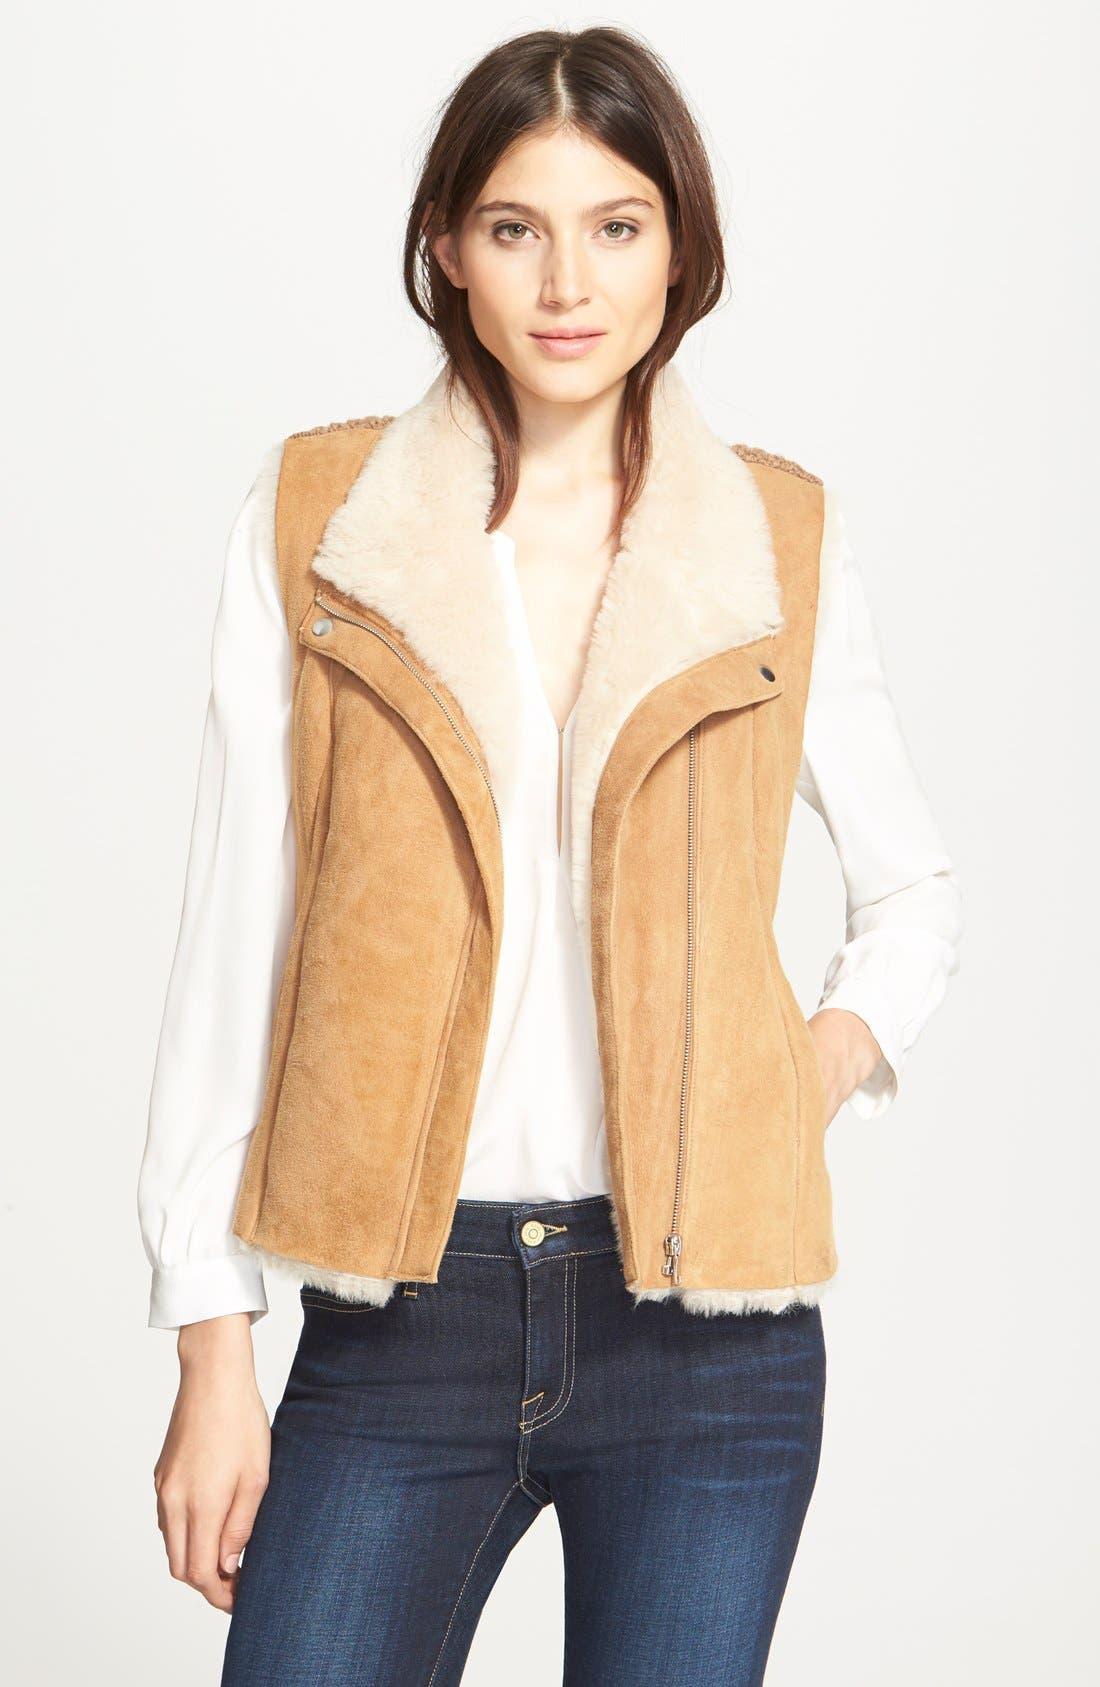 Alternate Image 1 Selected - Joie 'Brinley' Genuine Shearling & Merino Wool Vest